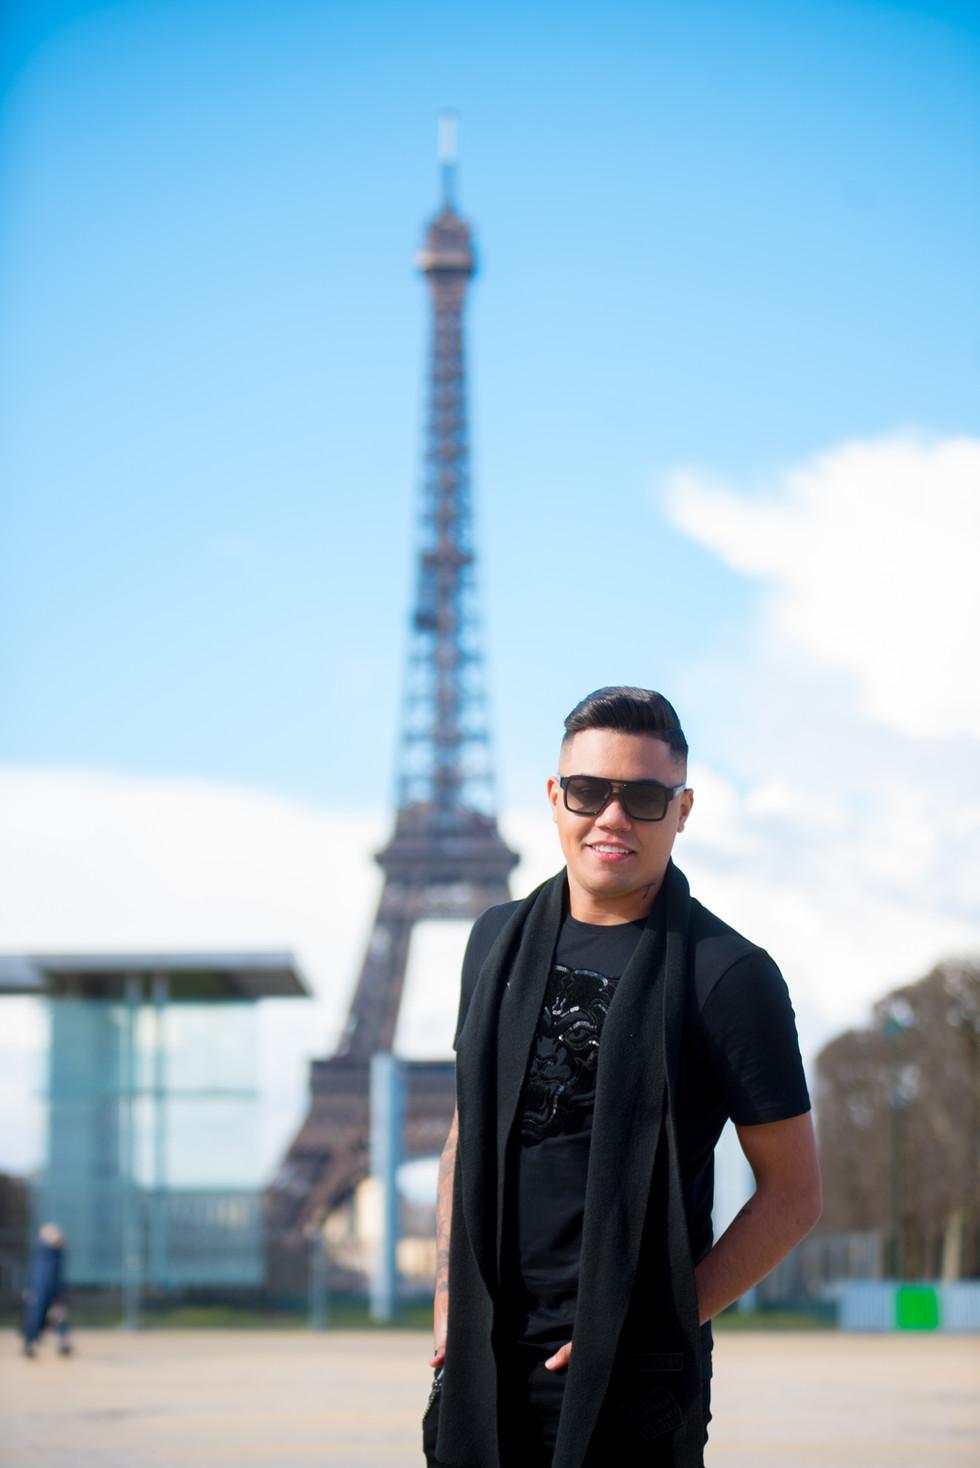 Fotógrafo_Brasileiro_em_Paris-Leandro_Dias_(107_de_381).jpg